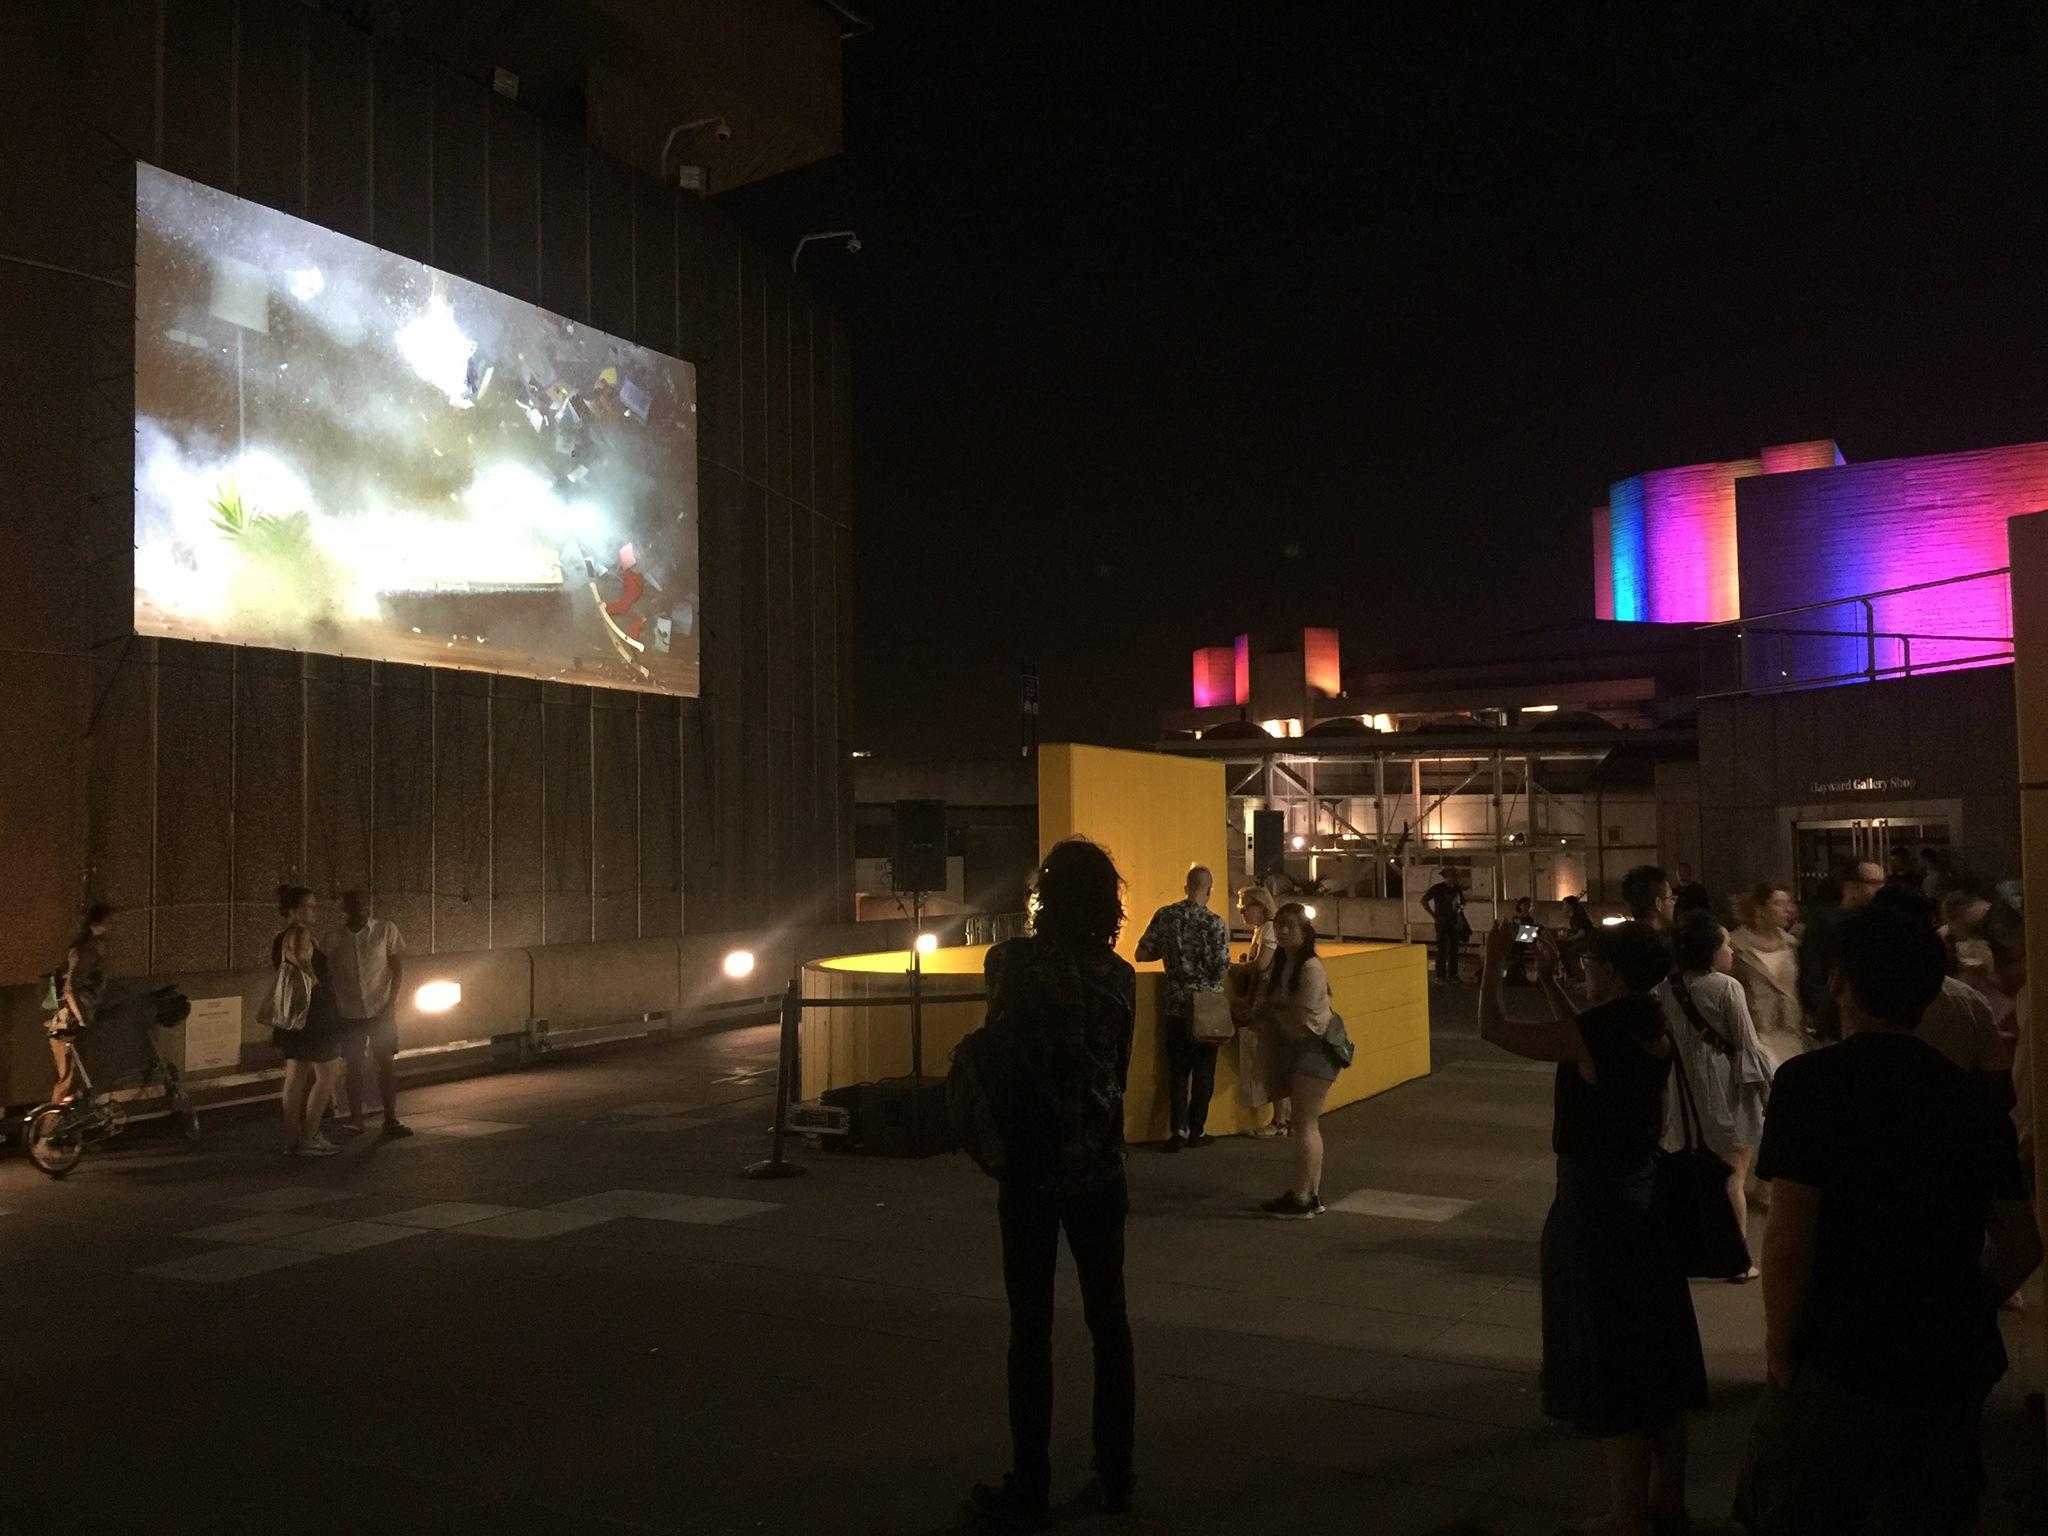 袁廣鳴 - 2018年倫敦藝術夜